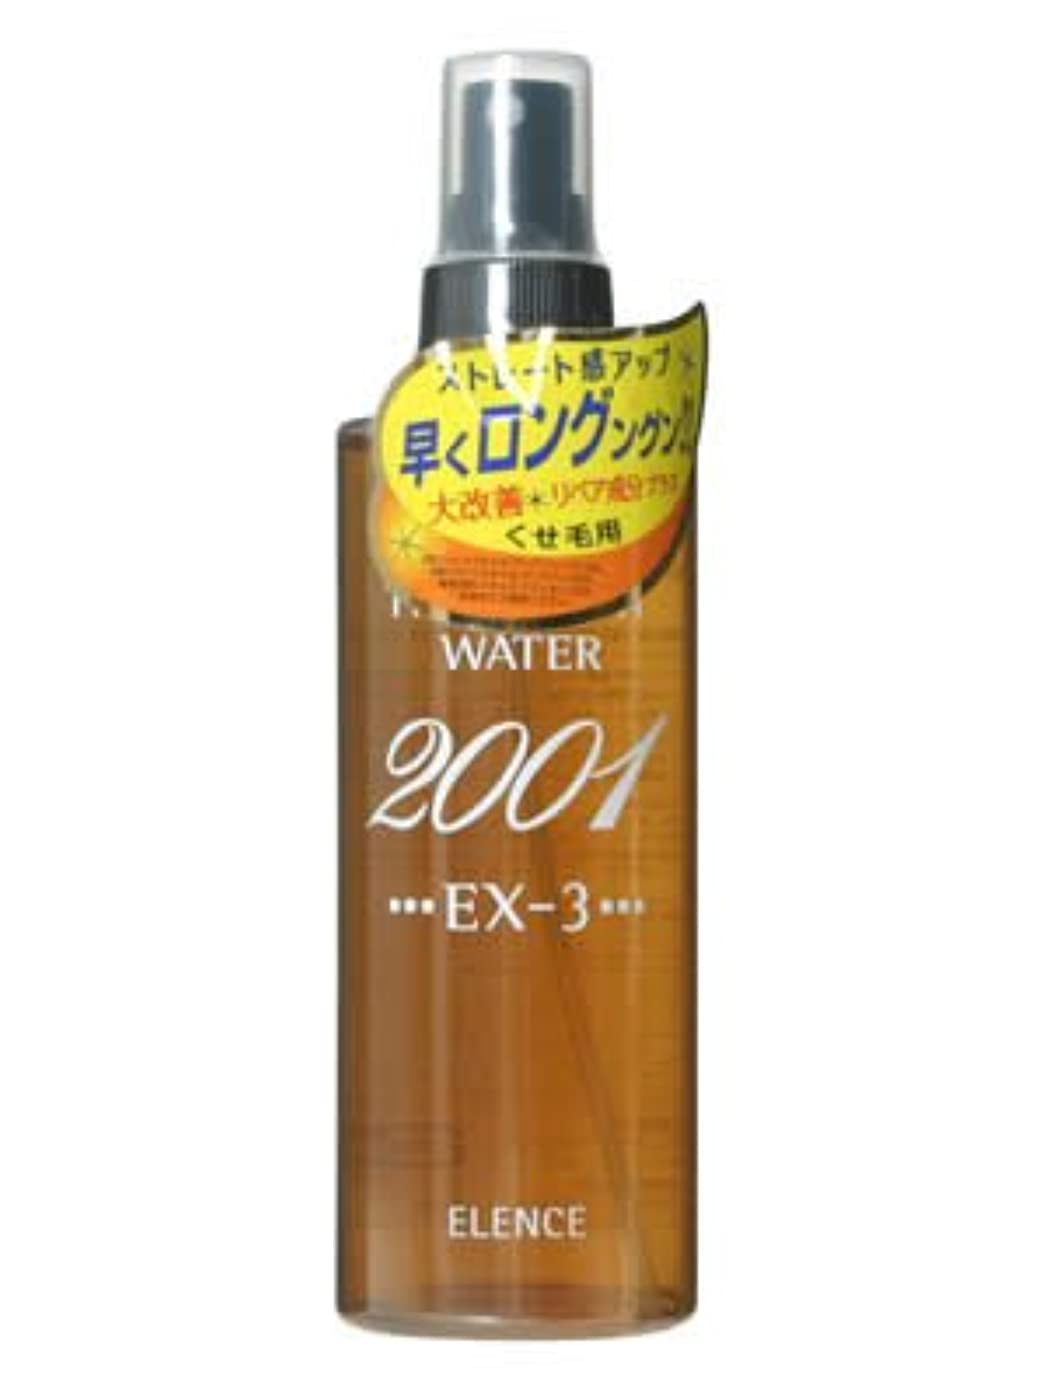 カロリー透明にを通してエレンス2001 スキャルプトリートメントウォーターEX-3(くせ毛用)